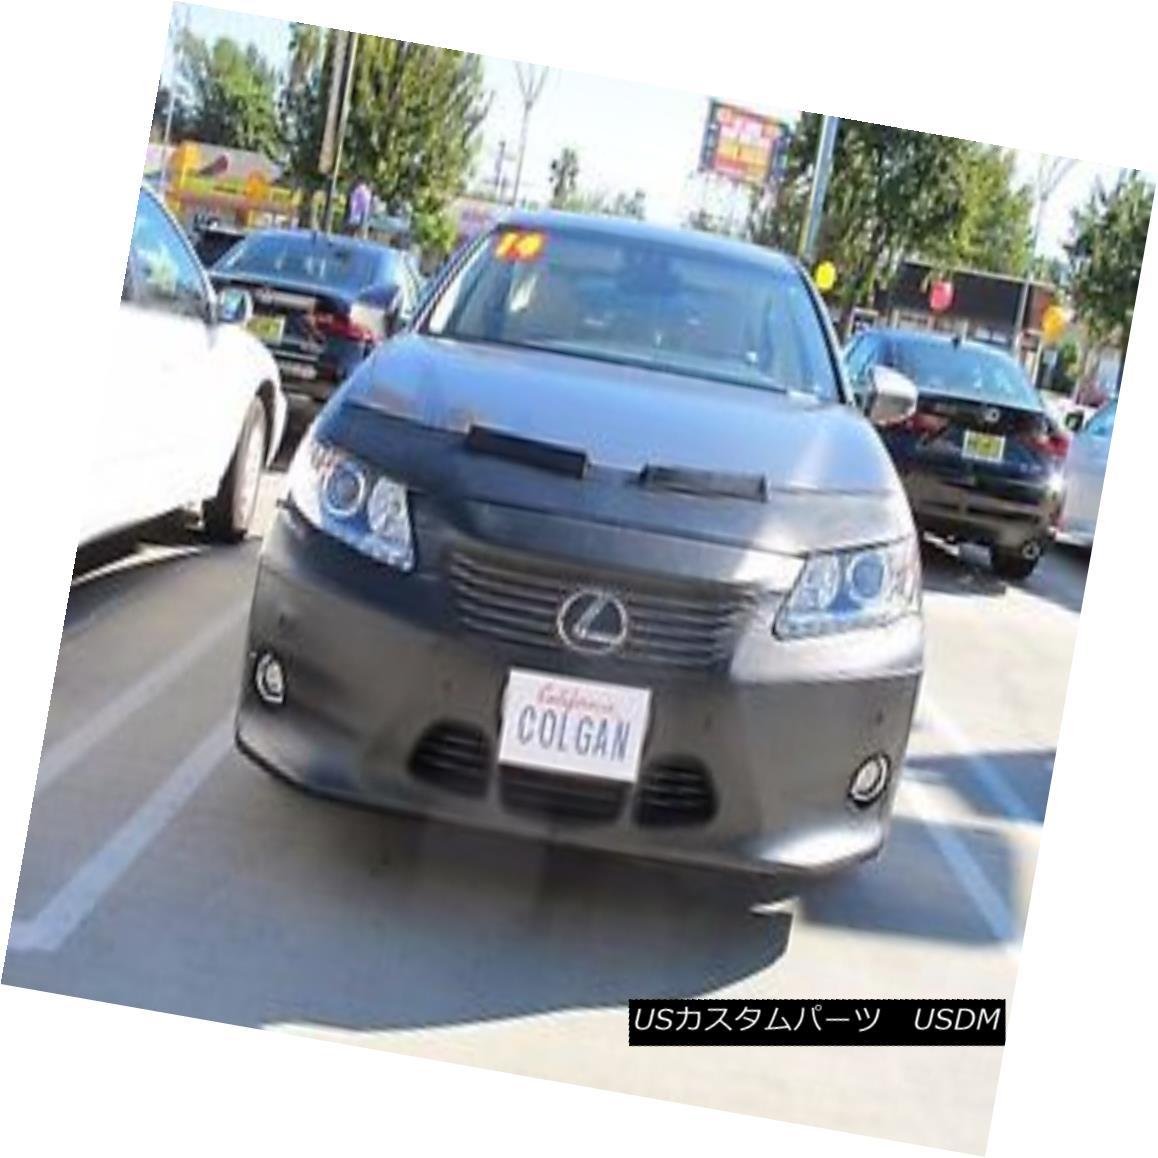 フルブラ ノーズブラ Colgan Front End Mask Bra 2pc. Fits Lexus ES350 & ES300H 13 14 15 W/O Lic.Plate コルガンフロントエンドマスクブラ2pc Lexus ES350& ES300H 13 14 15 W / O Lic.Plate